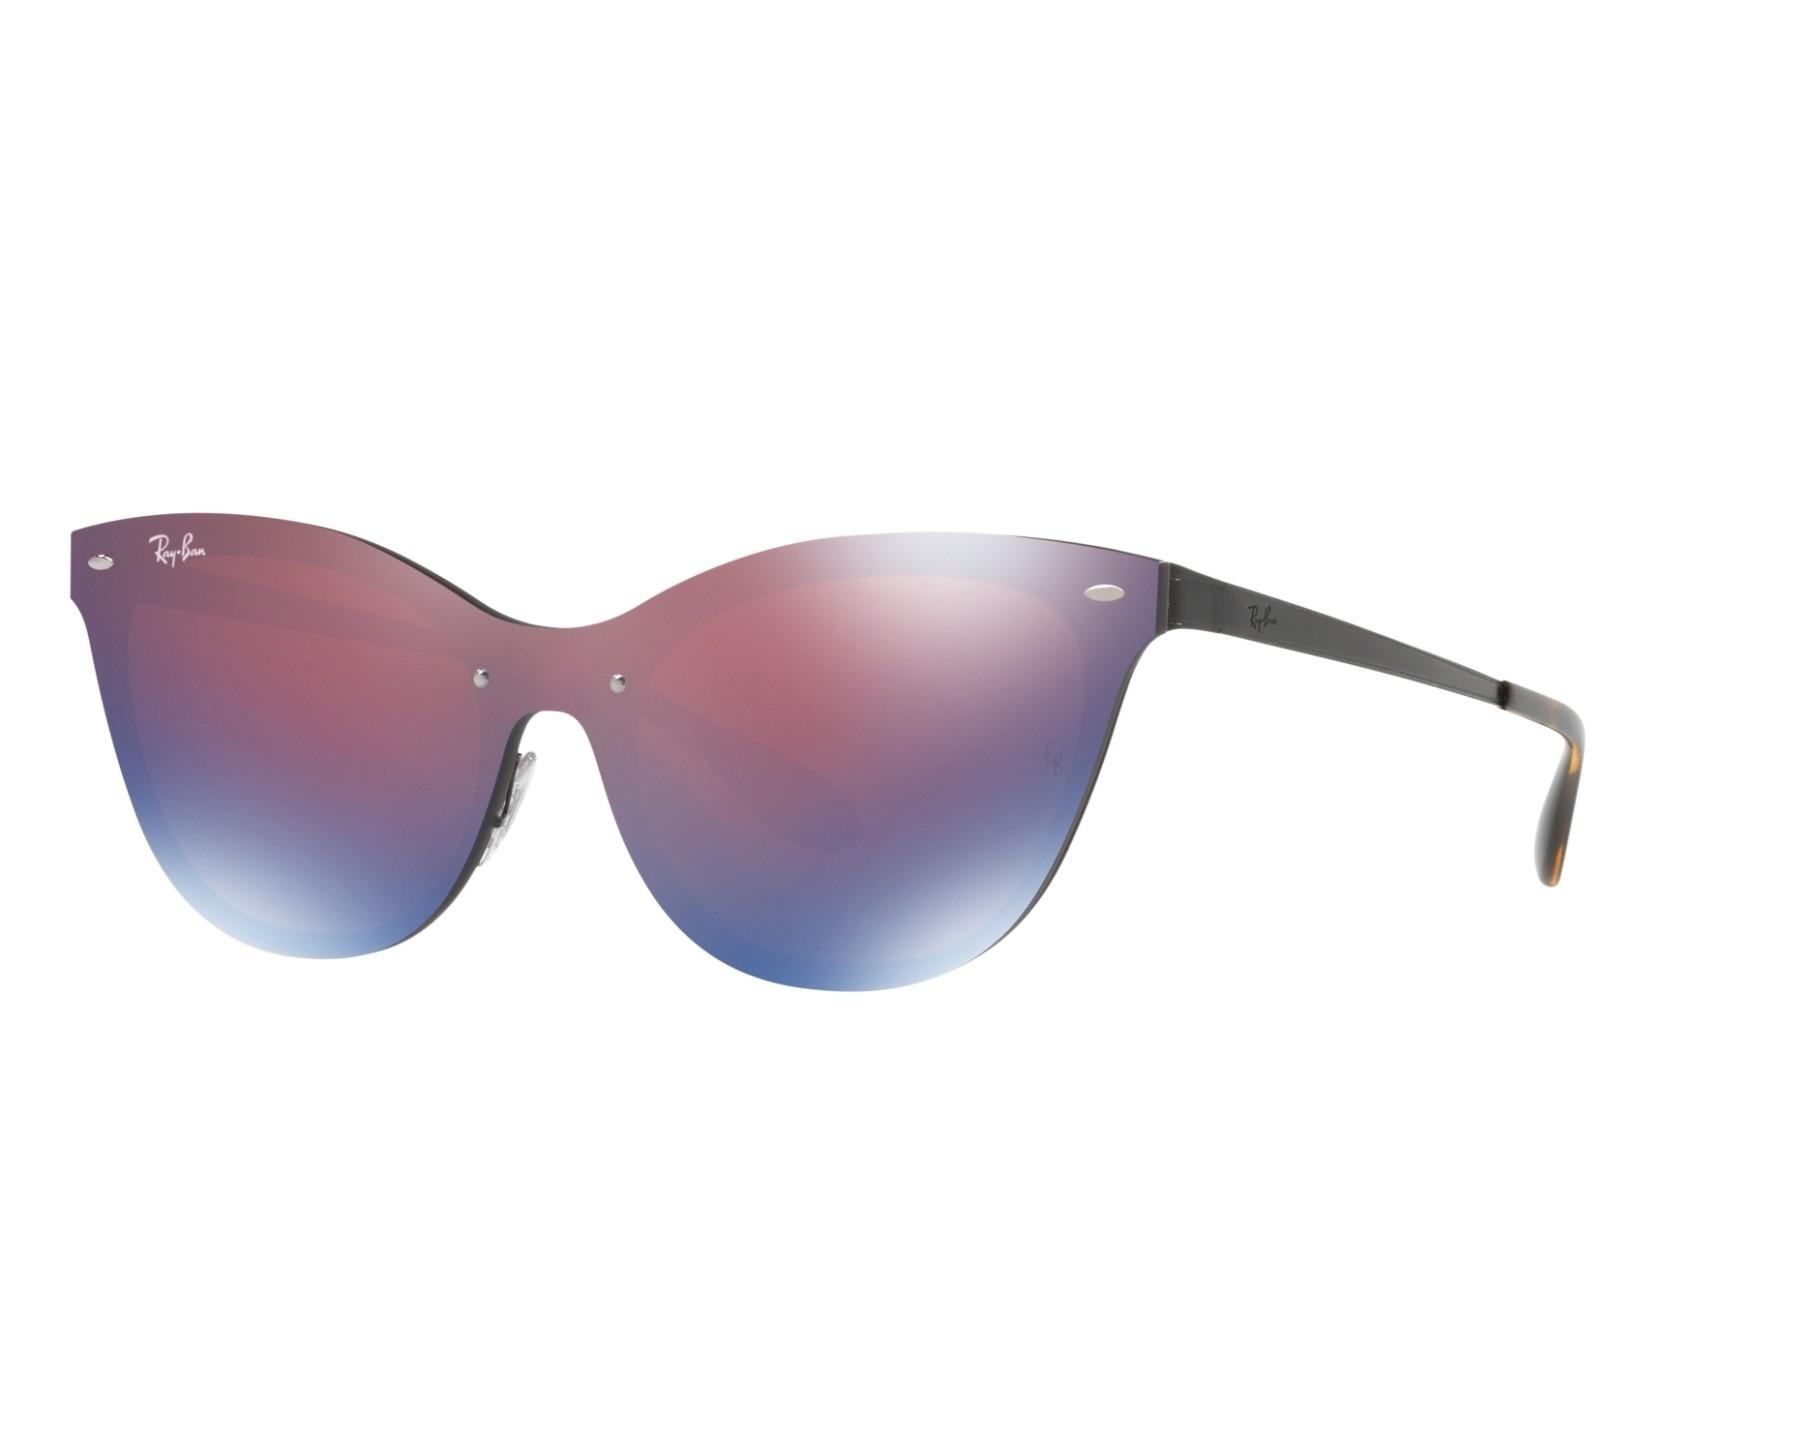 7bb66bdd9a5c2 Gafas de sol Ray-Ban RB-3580-N 153 7V 58-